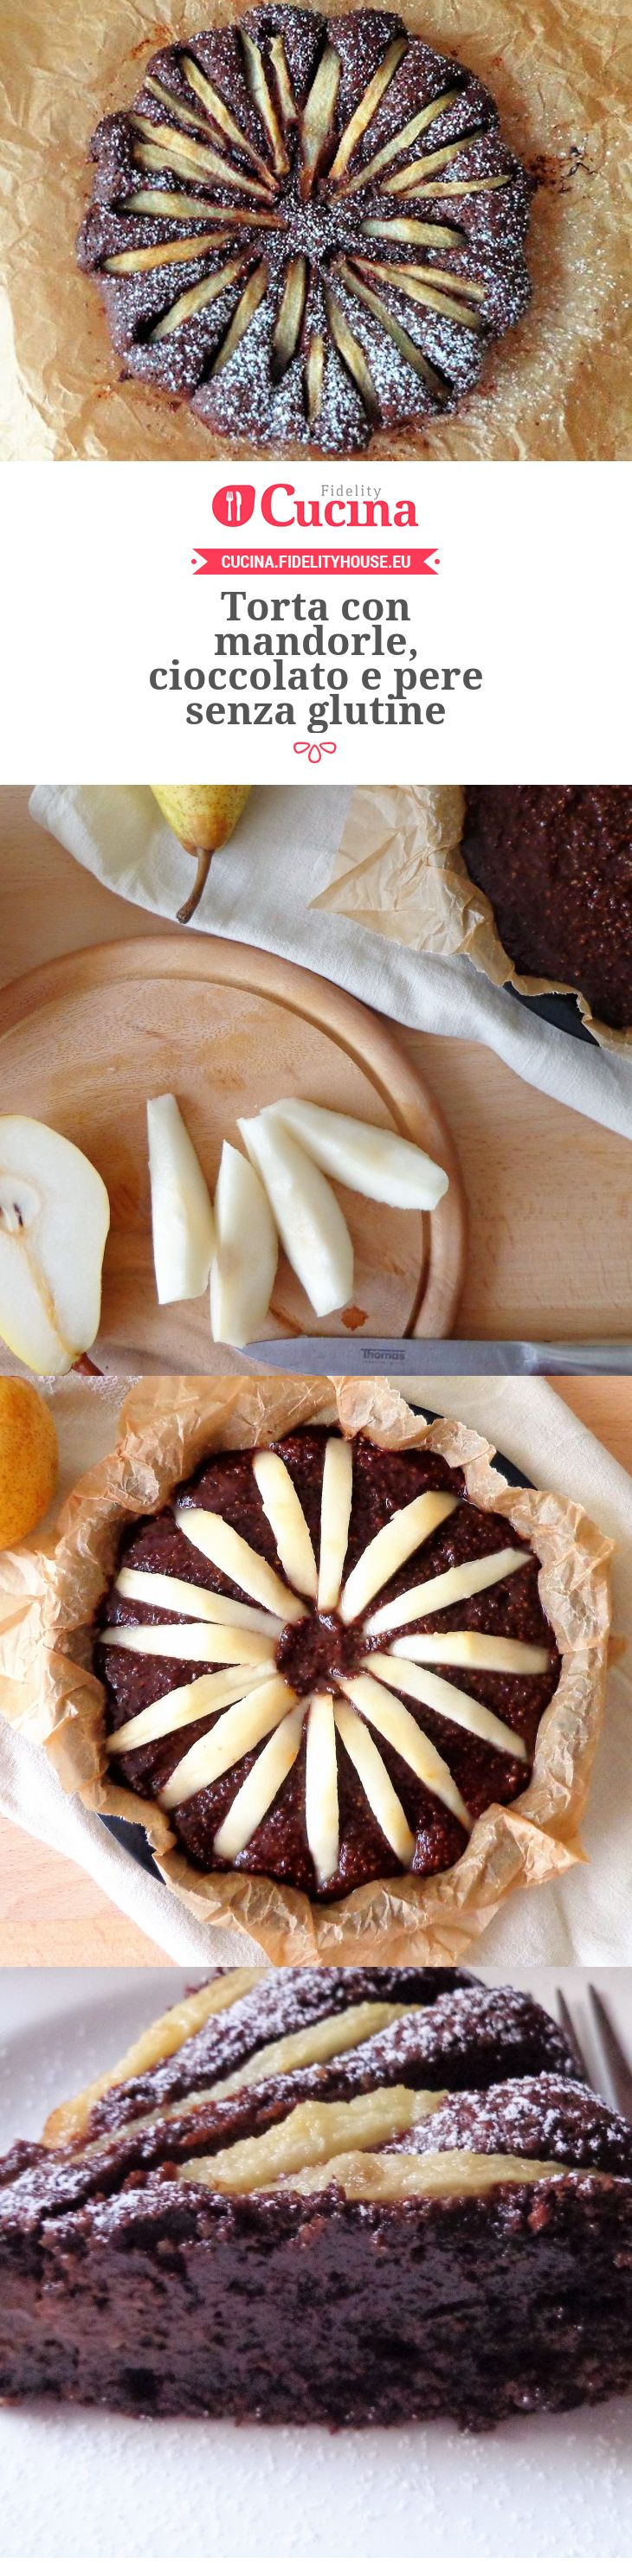 Torta con mandorle, cioccolato e pere senza glutine